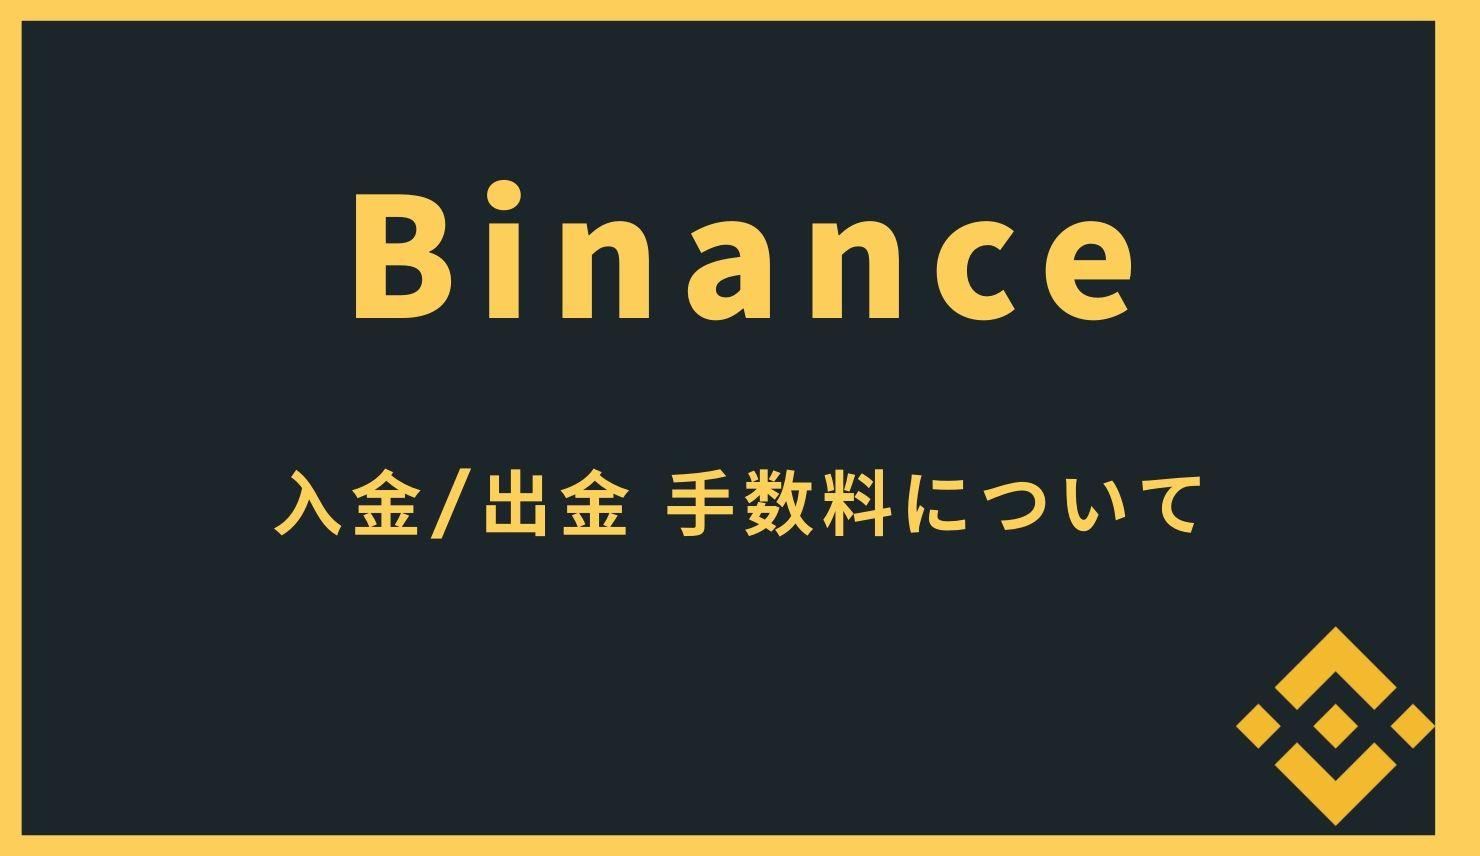 バイナンス(Binance)への送金、出金方法や手数料について